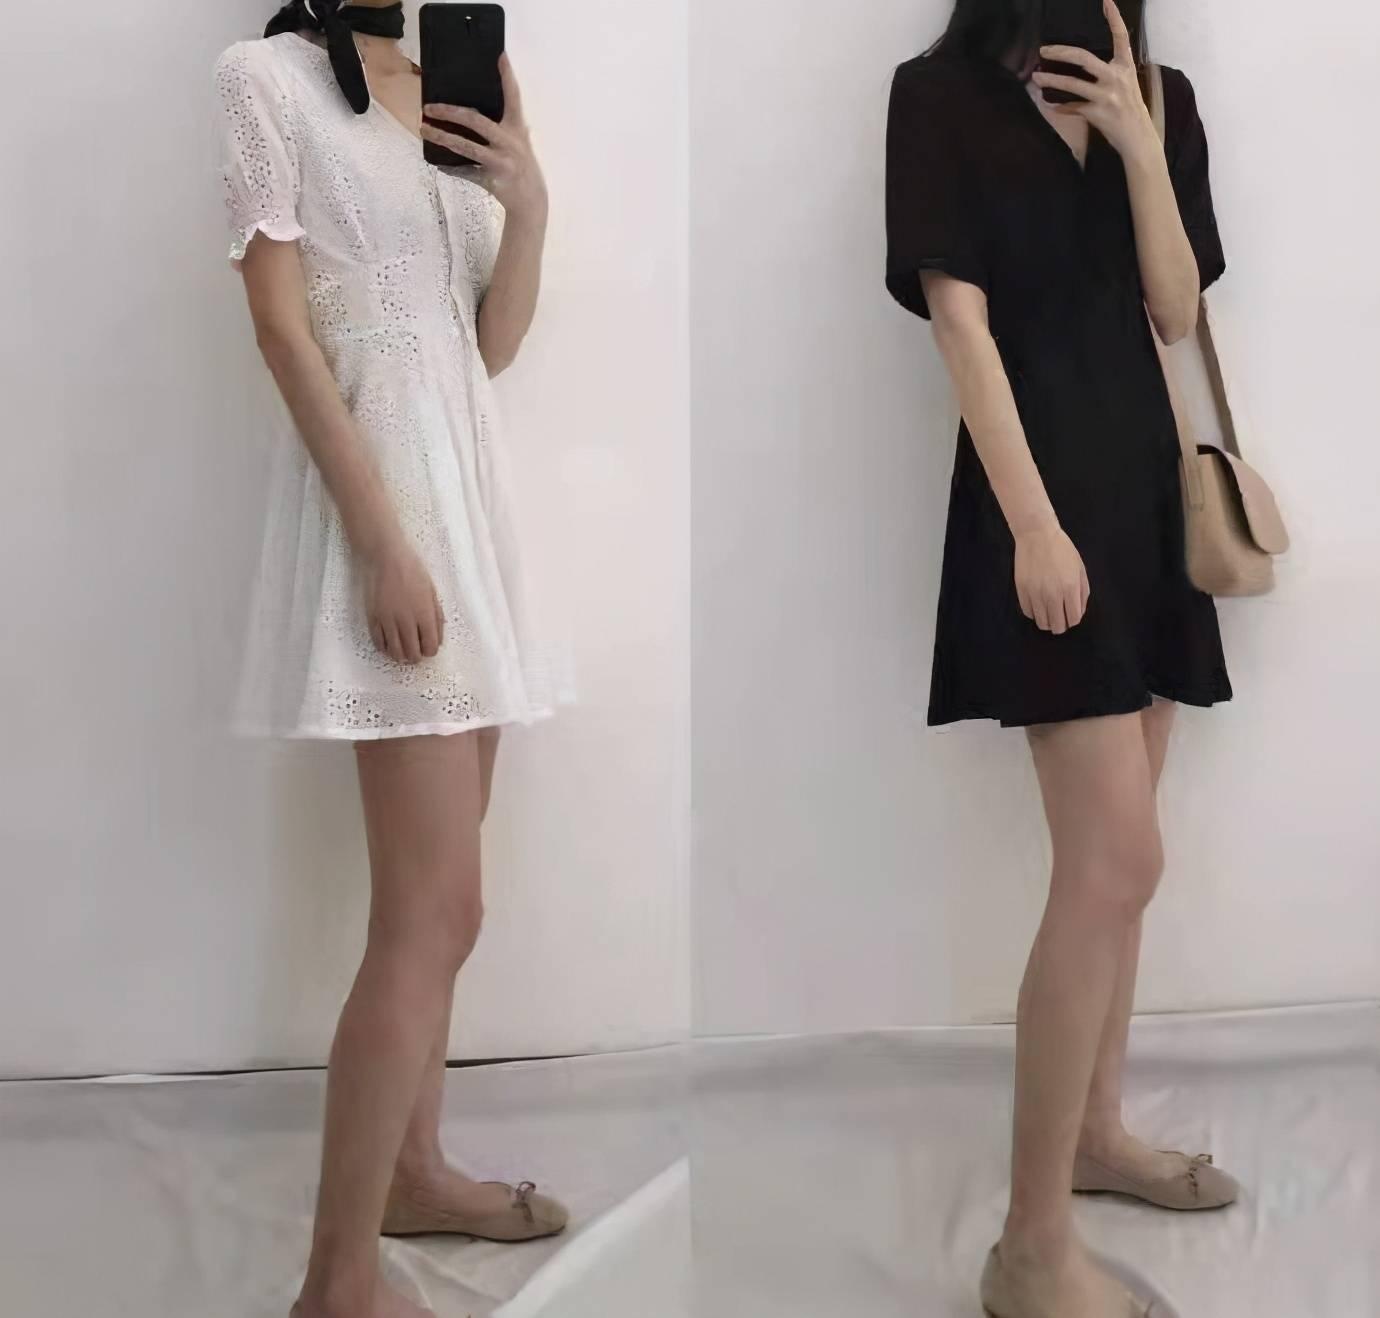 这个夏天如何穿得干净清爽?2021最新时尚又简单的基础款式穿搭指南